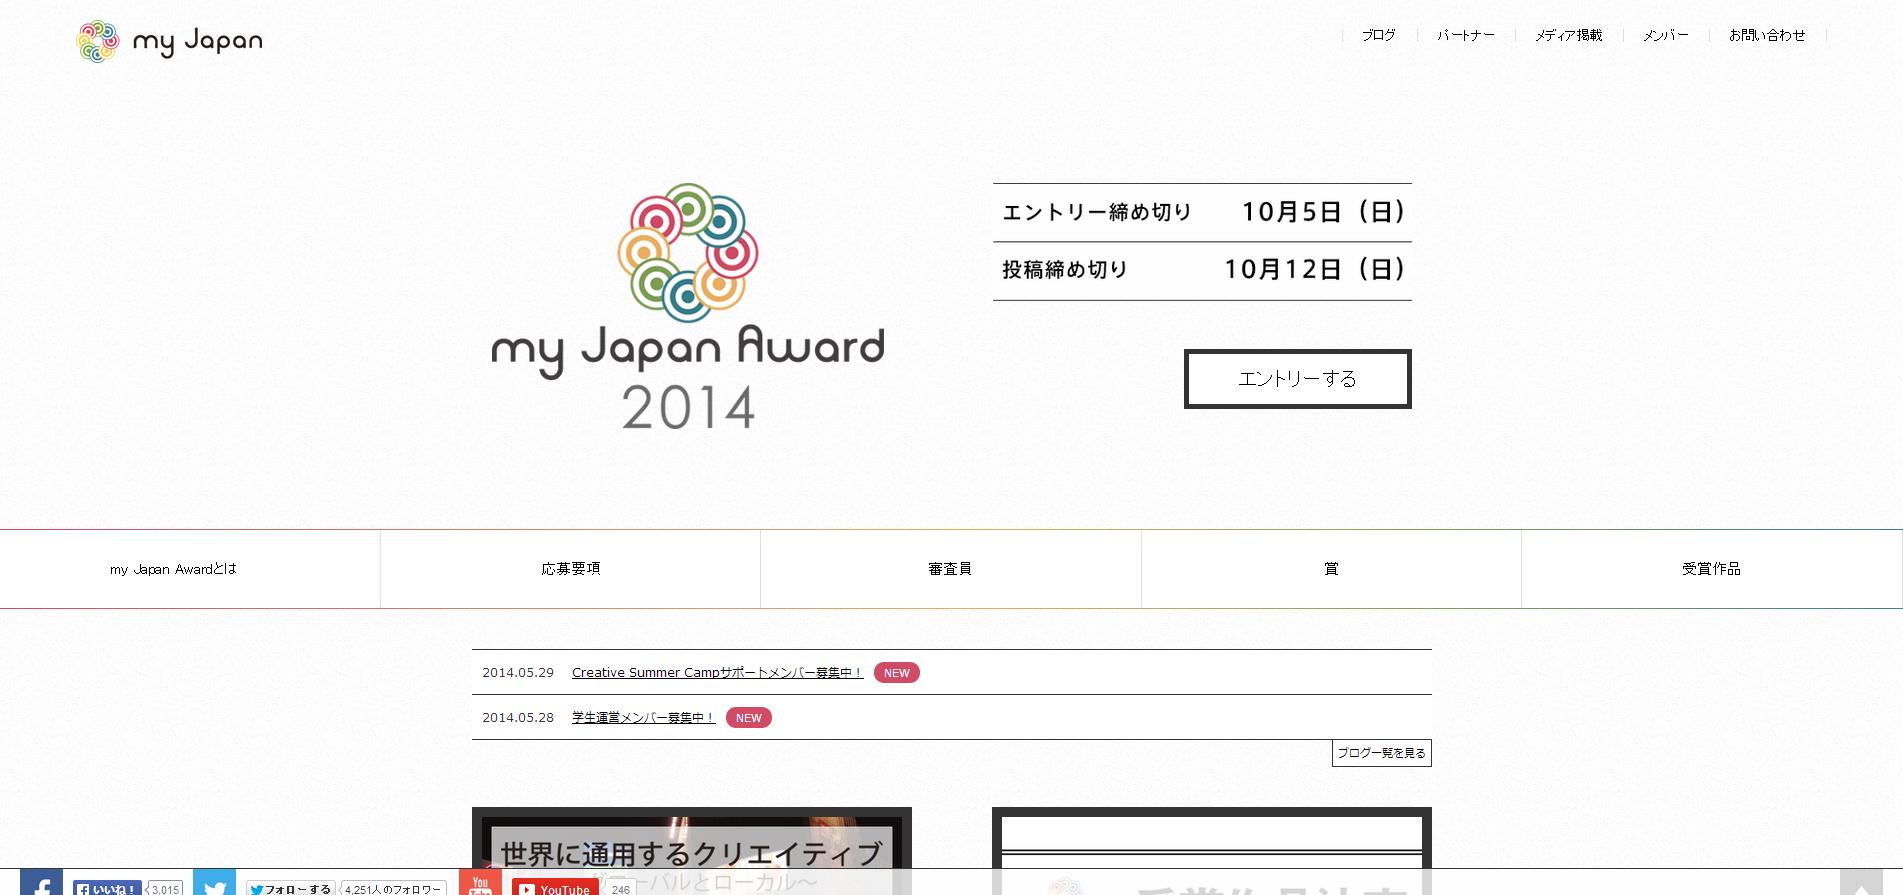 my Japan Award 2014   日本の良さを世界に発信するCMコンテスト CMコンテスト